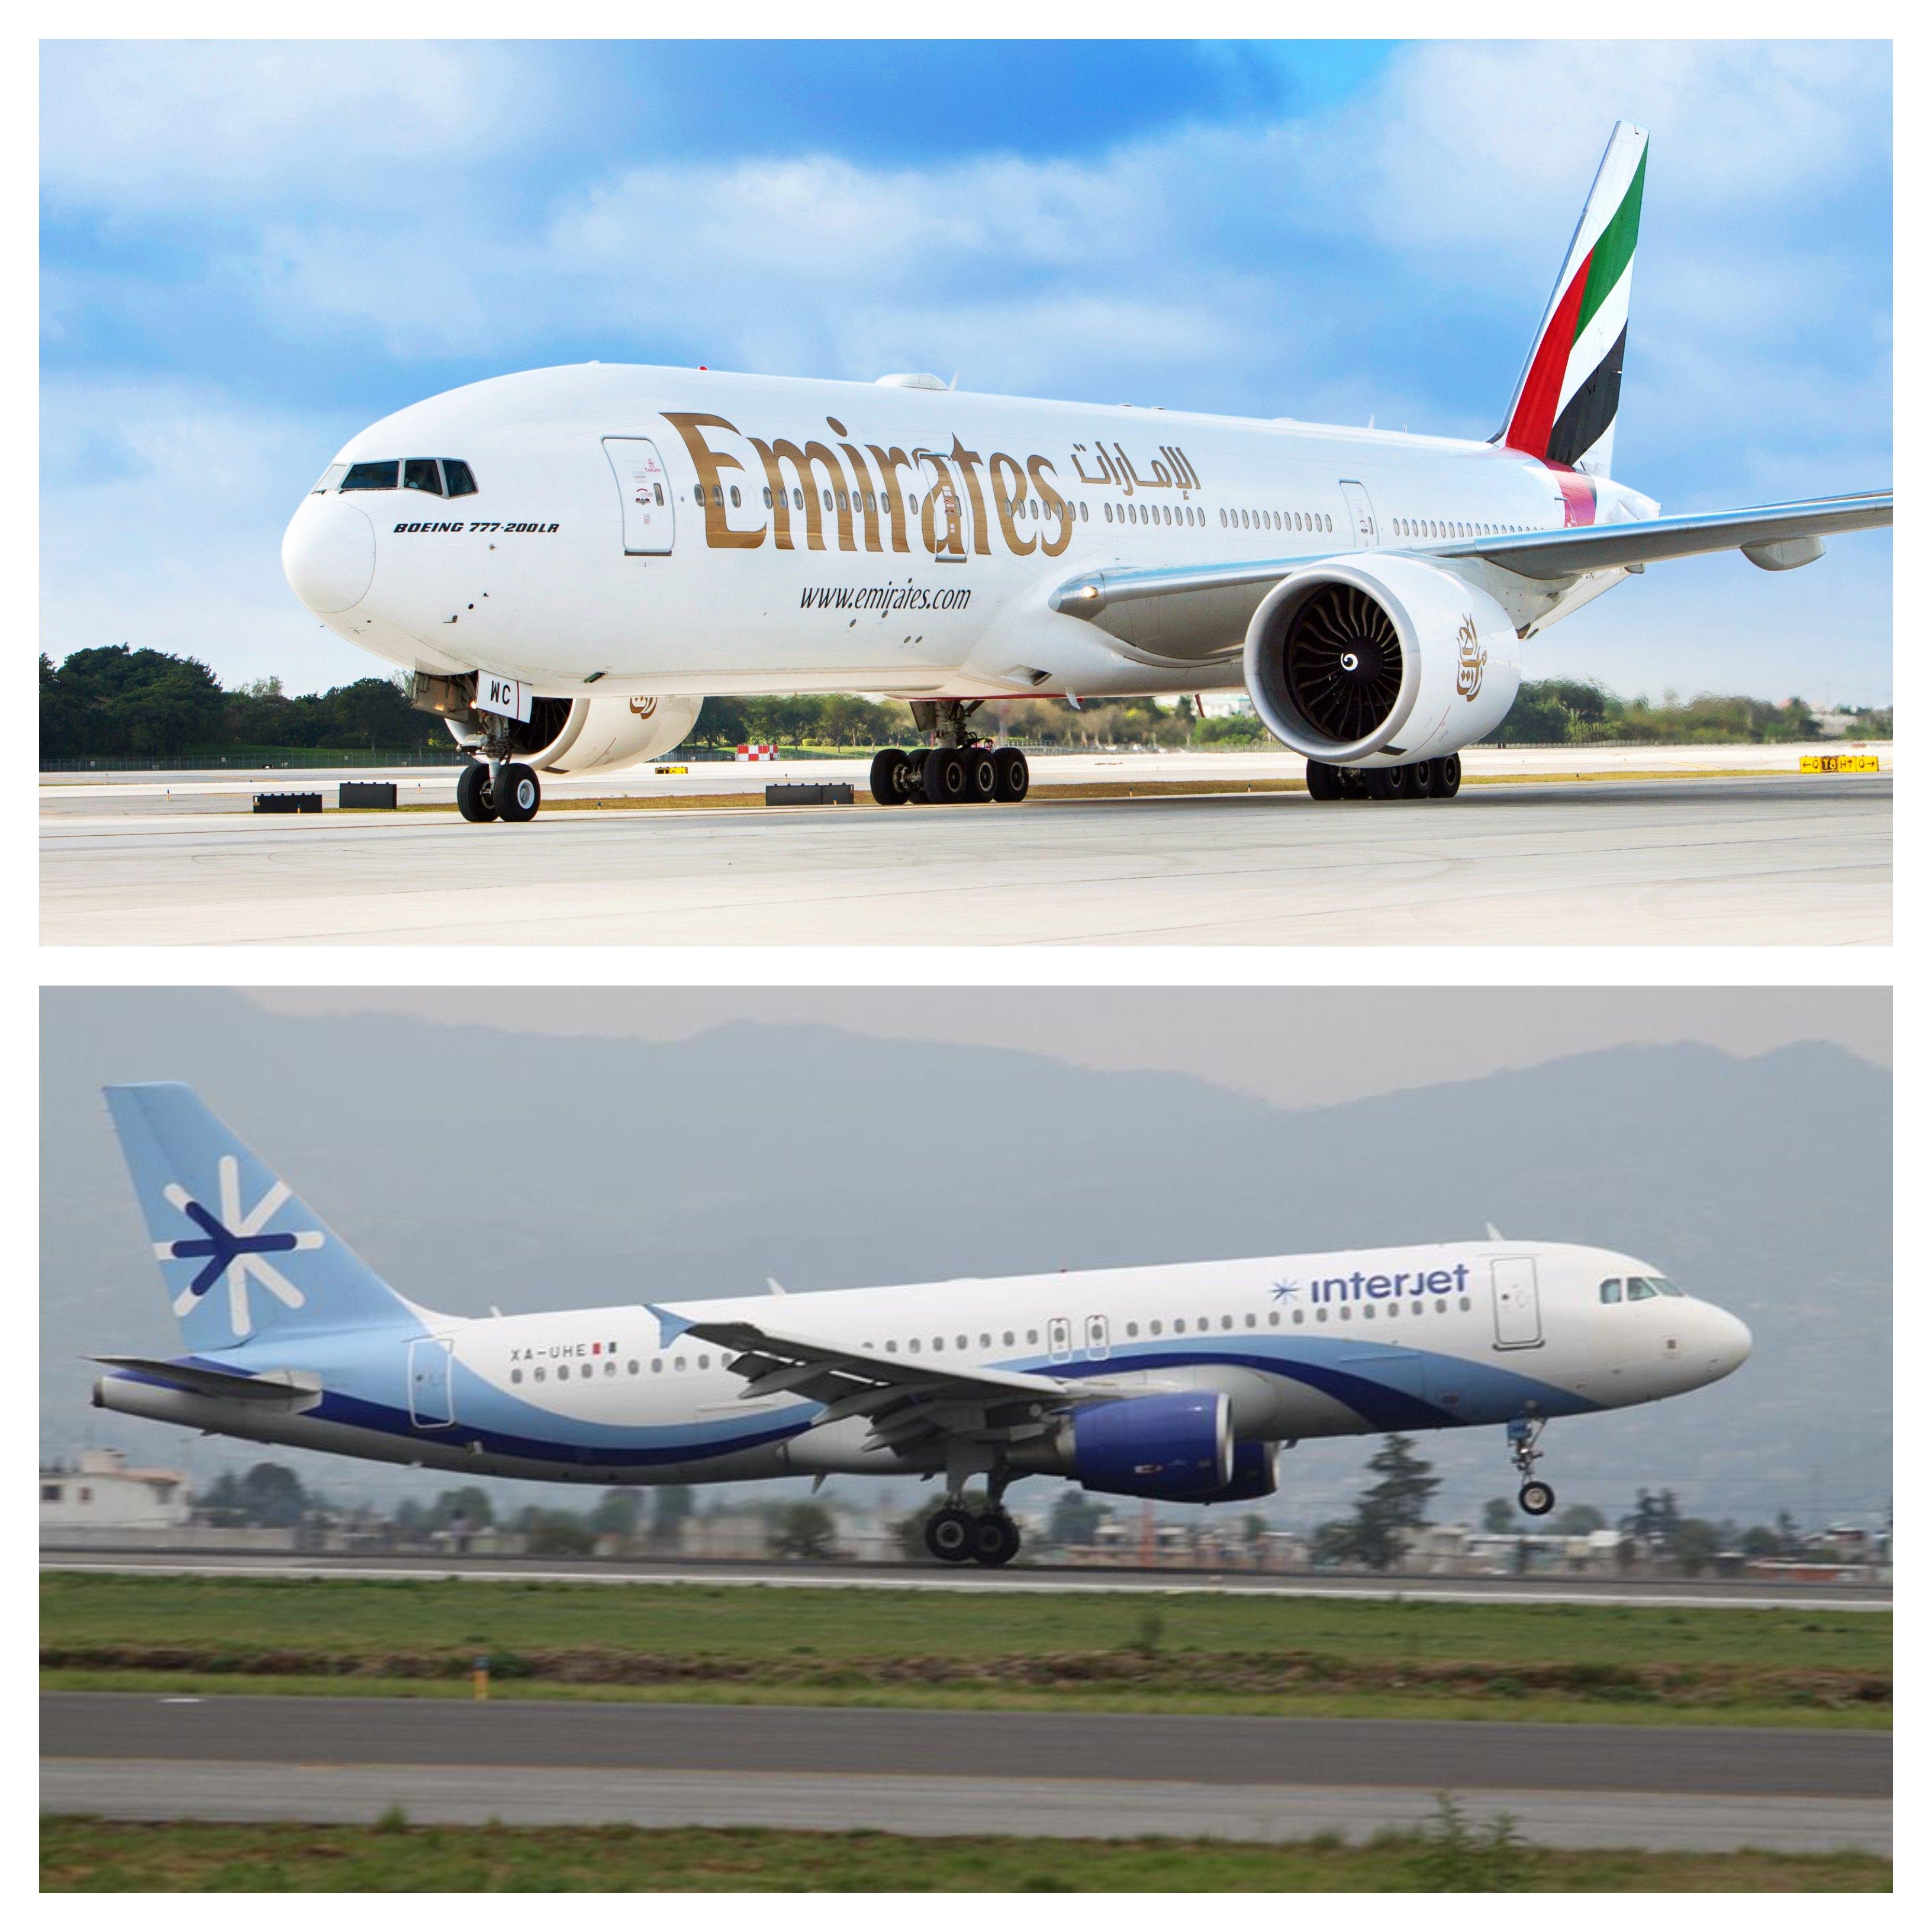 Interjet firma acuerdo de conectividad con Emirates